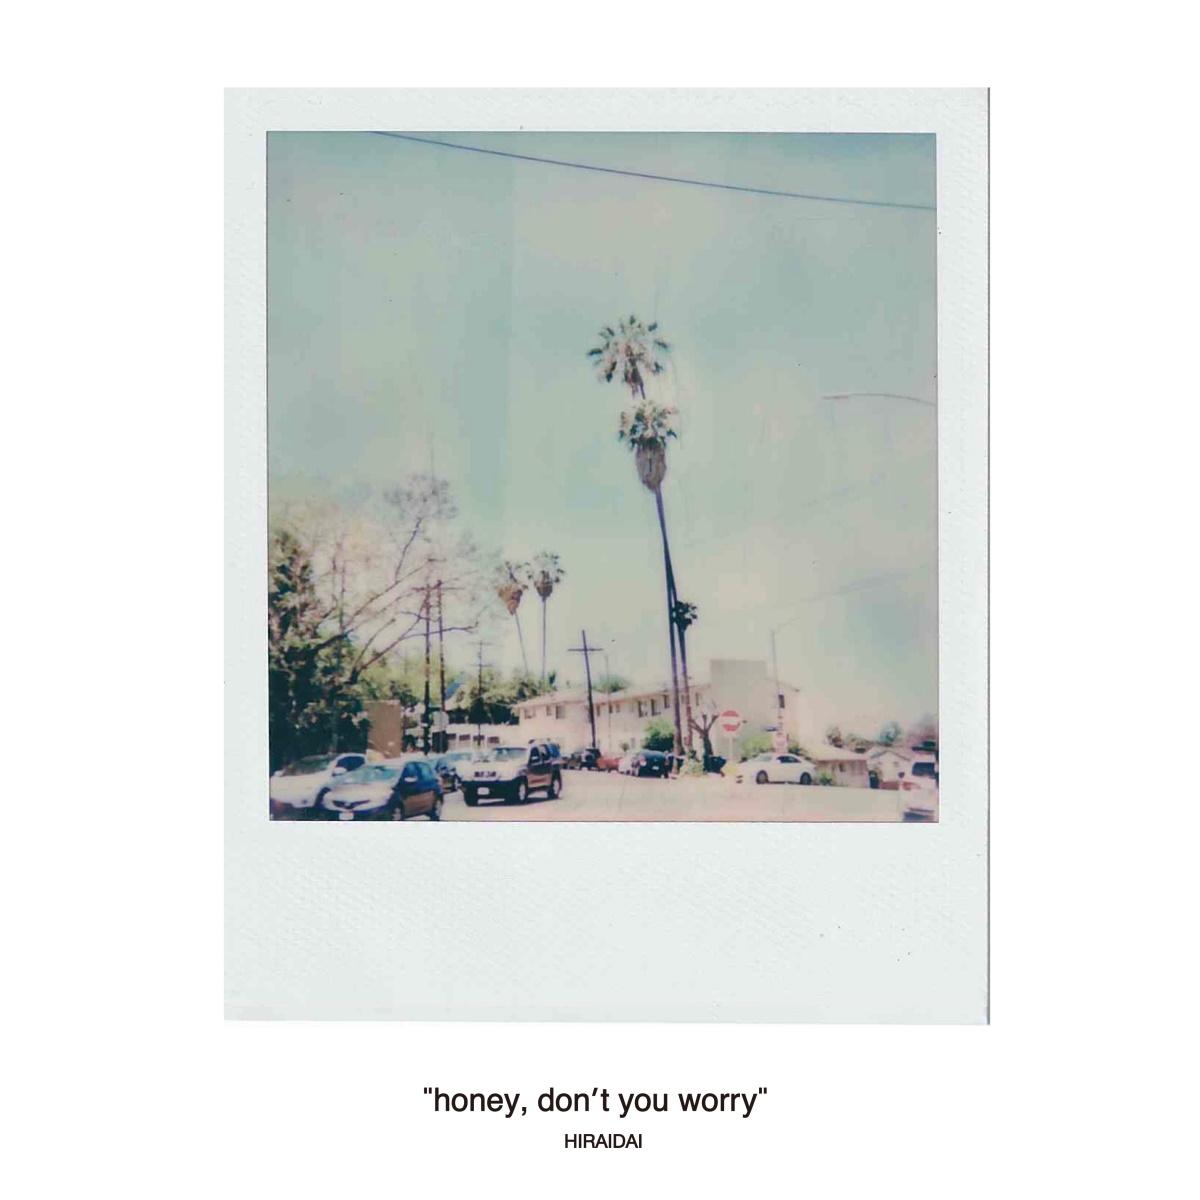 『平井大 - honey, don't you worry』収録の『honey, don't you worry』ジャケット